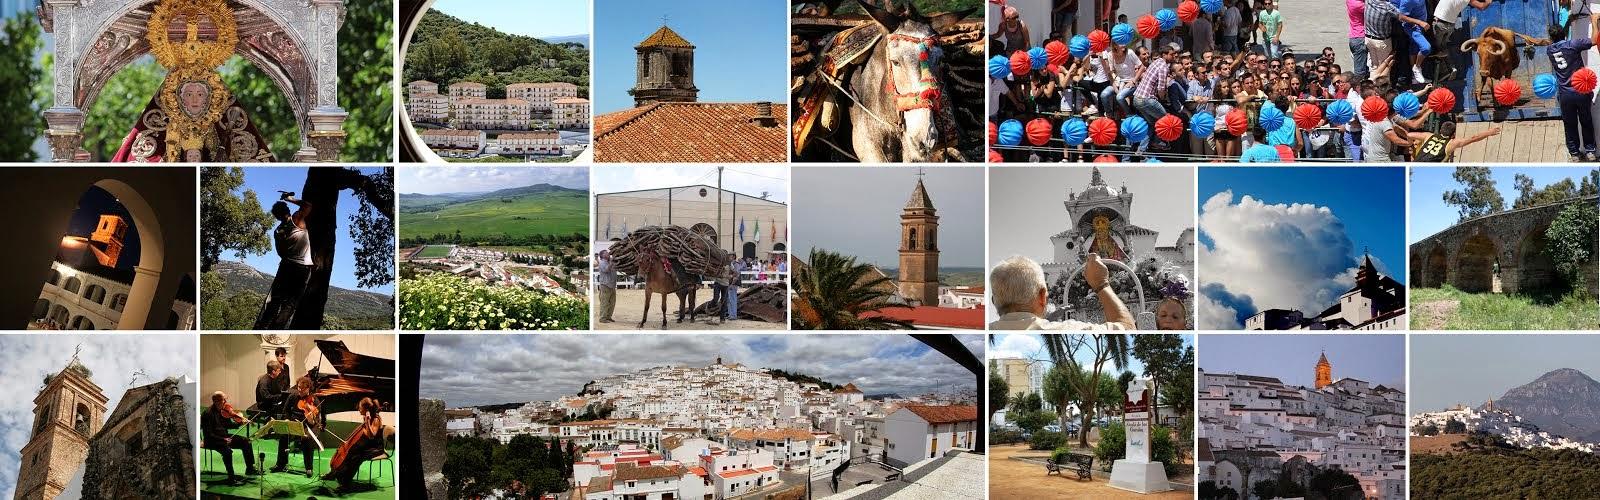 WWW.ALCALAATRAVESDEMIOBJETIVO.BLOGSPOT.COM - Tu blog de Alcalá de los Gazules